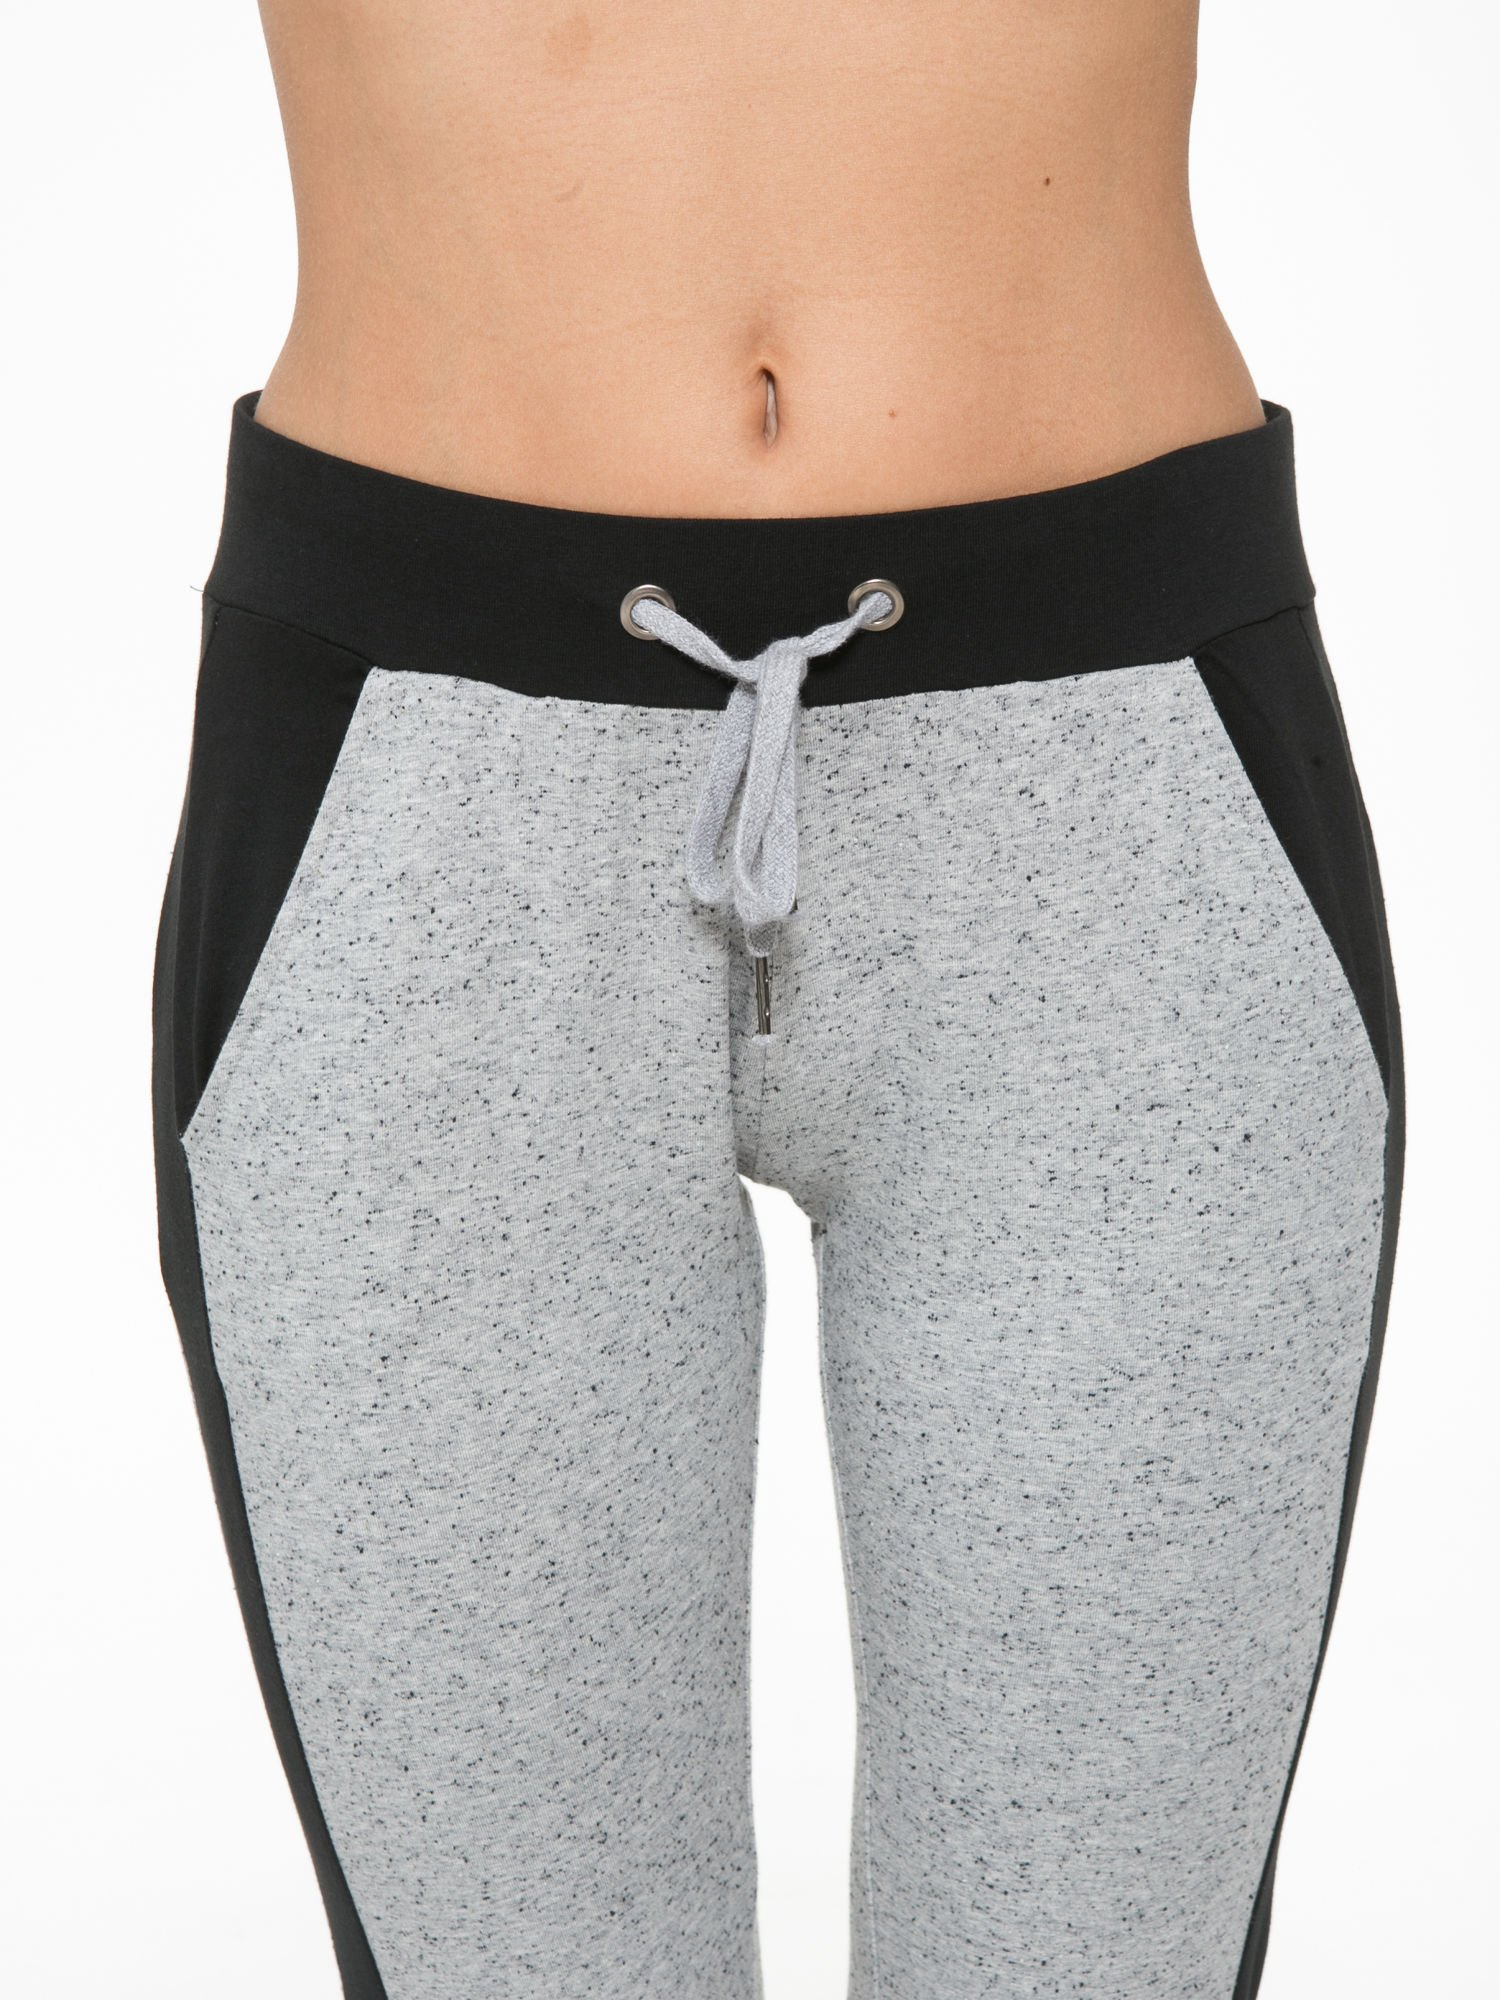 Szare spodnie dresowe damskie z kontrastowymi lampasami po bokach                                  zdj.                                  6